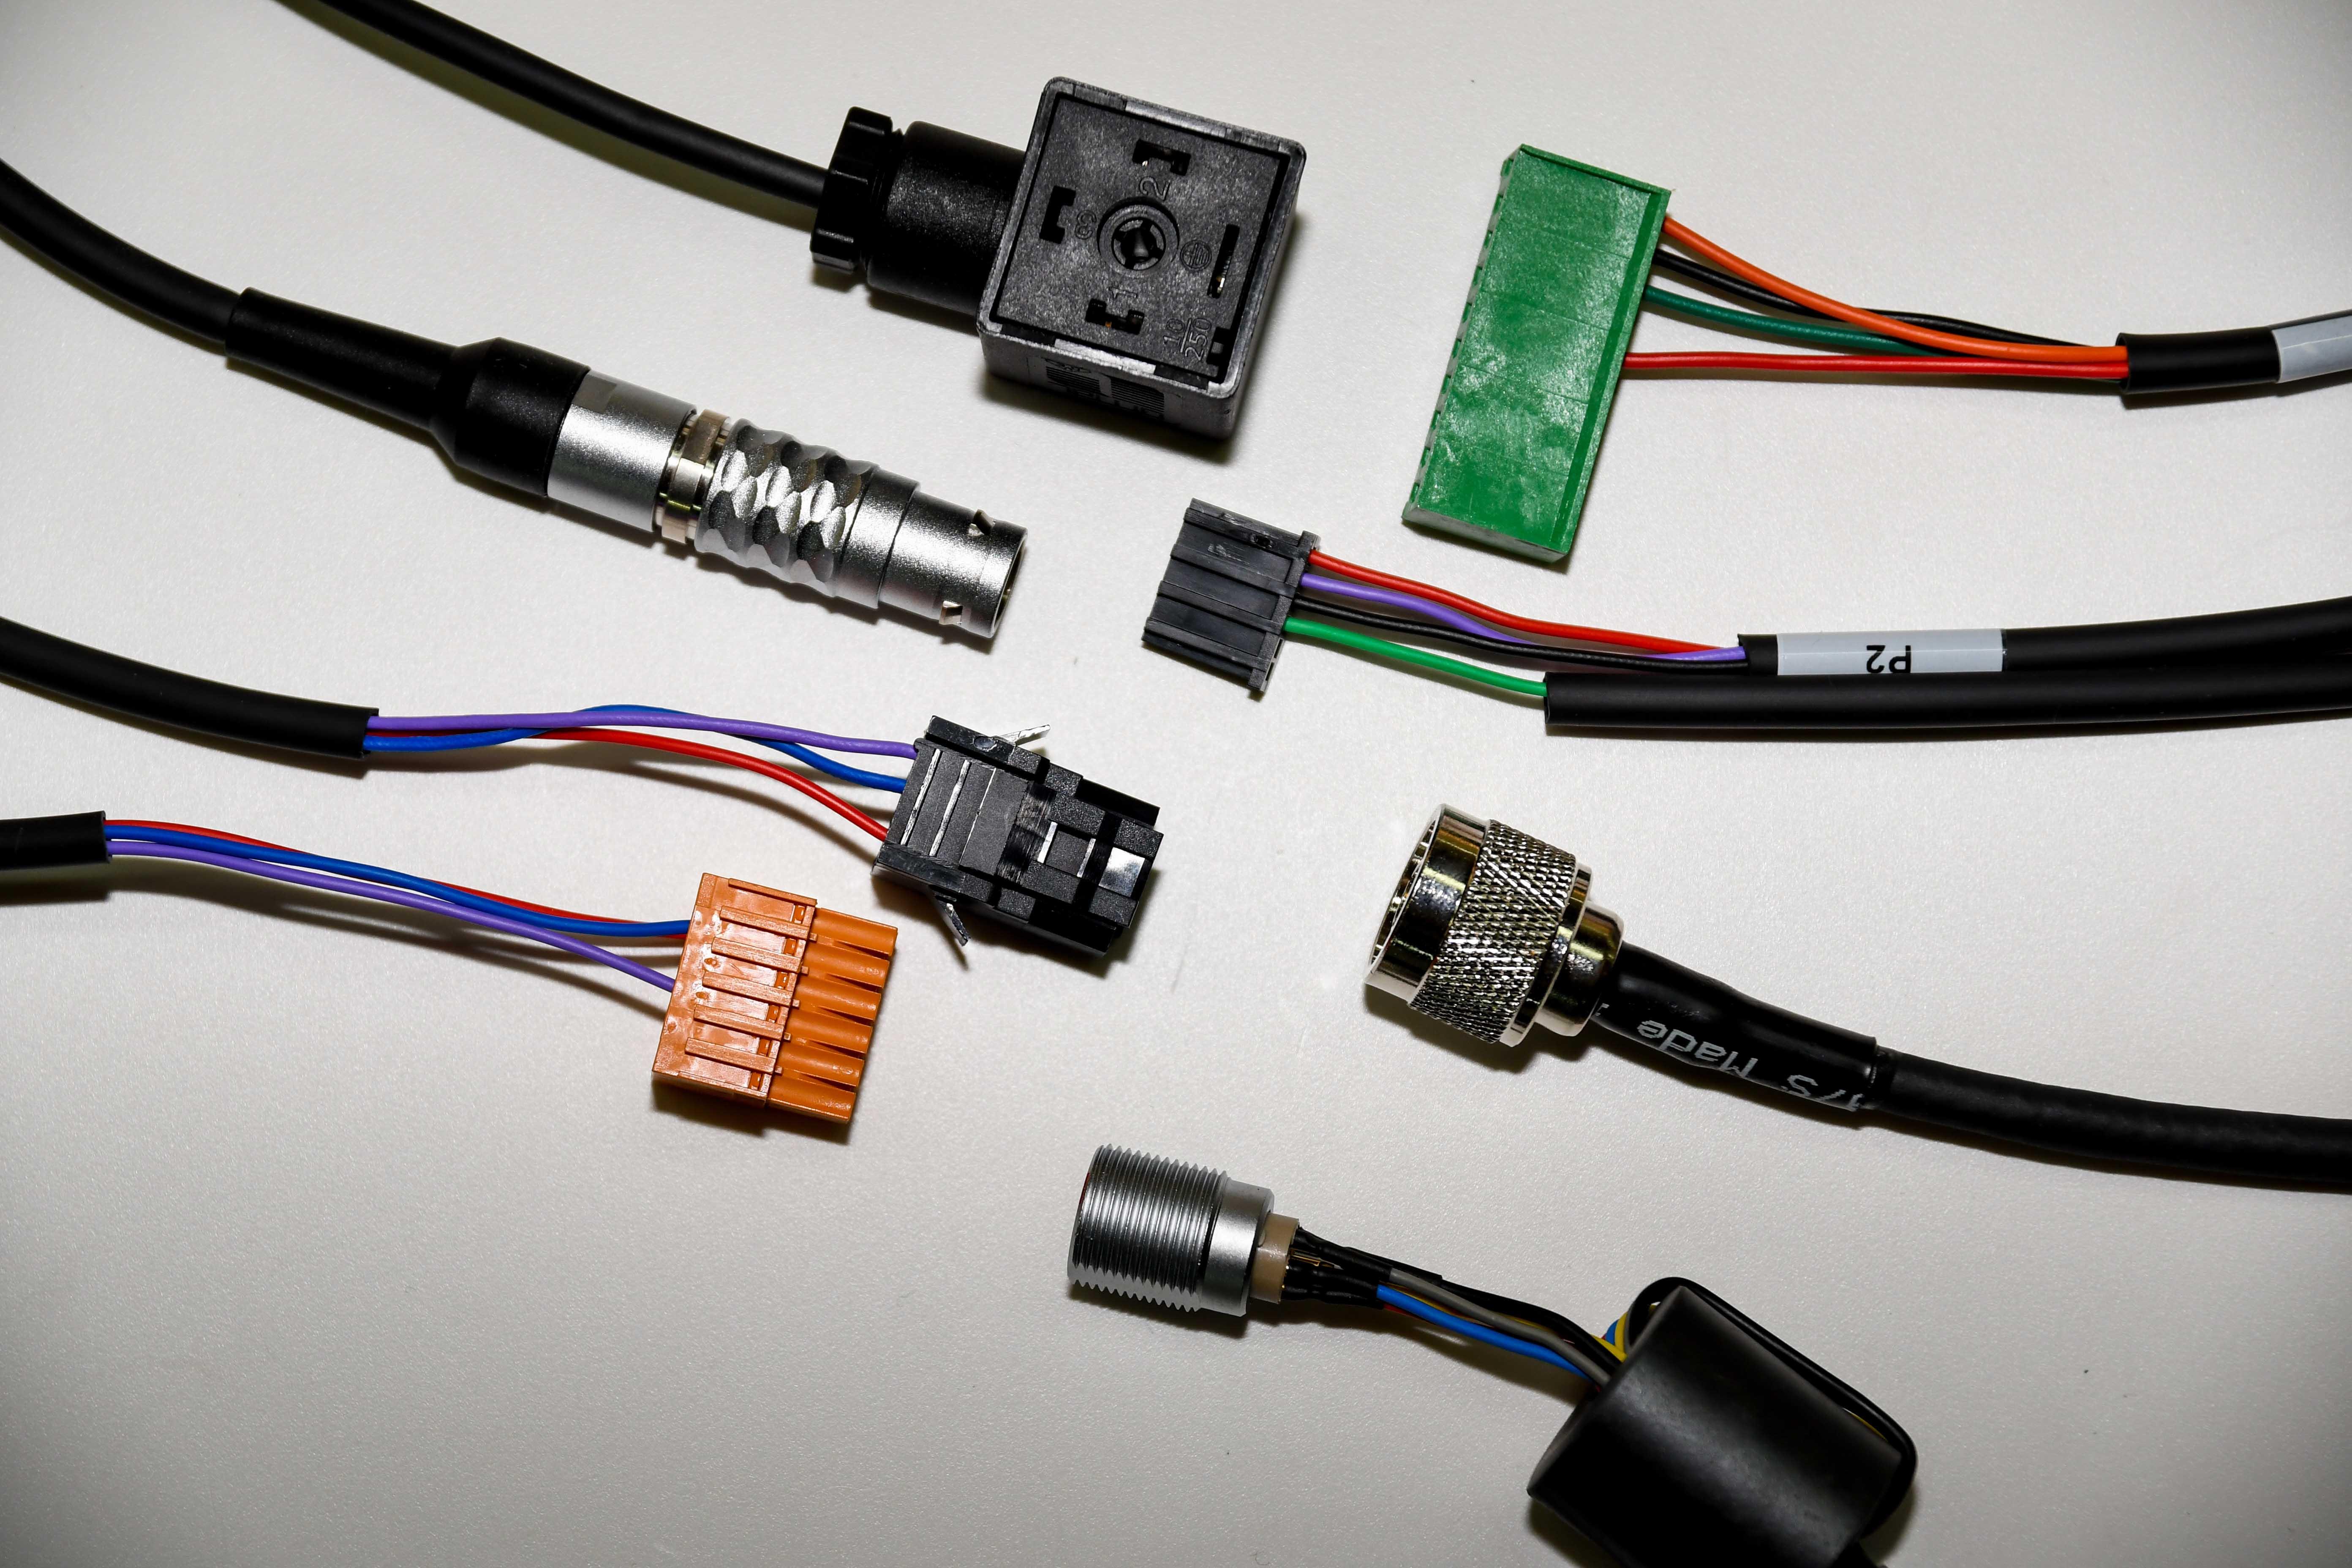 assemblaggio elettromeccanico ed elettropneumatico